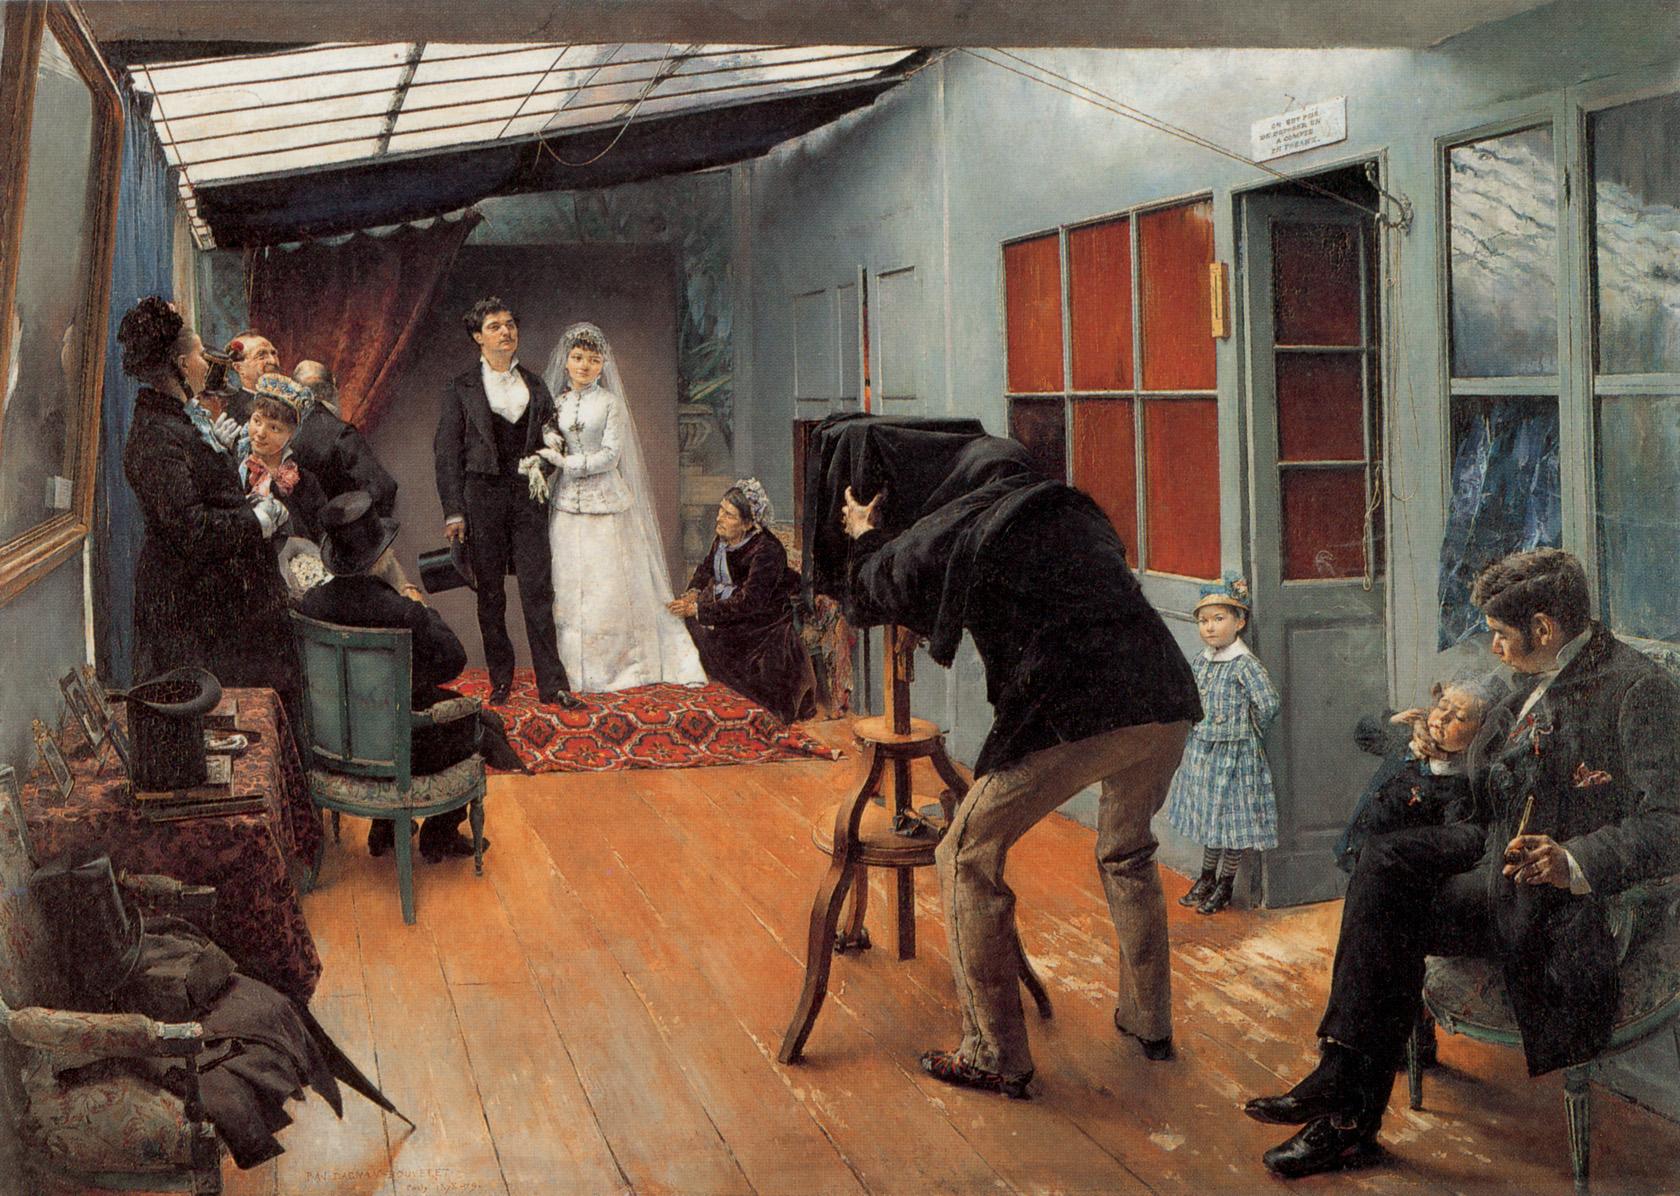 Паскаль Даньян-Буве - Свадьба в ателье фотографа, 1879